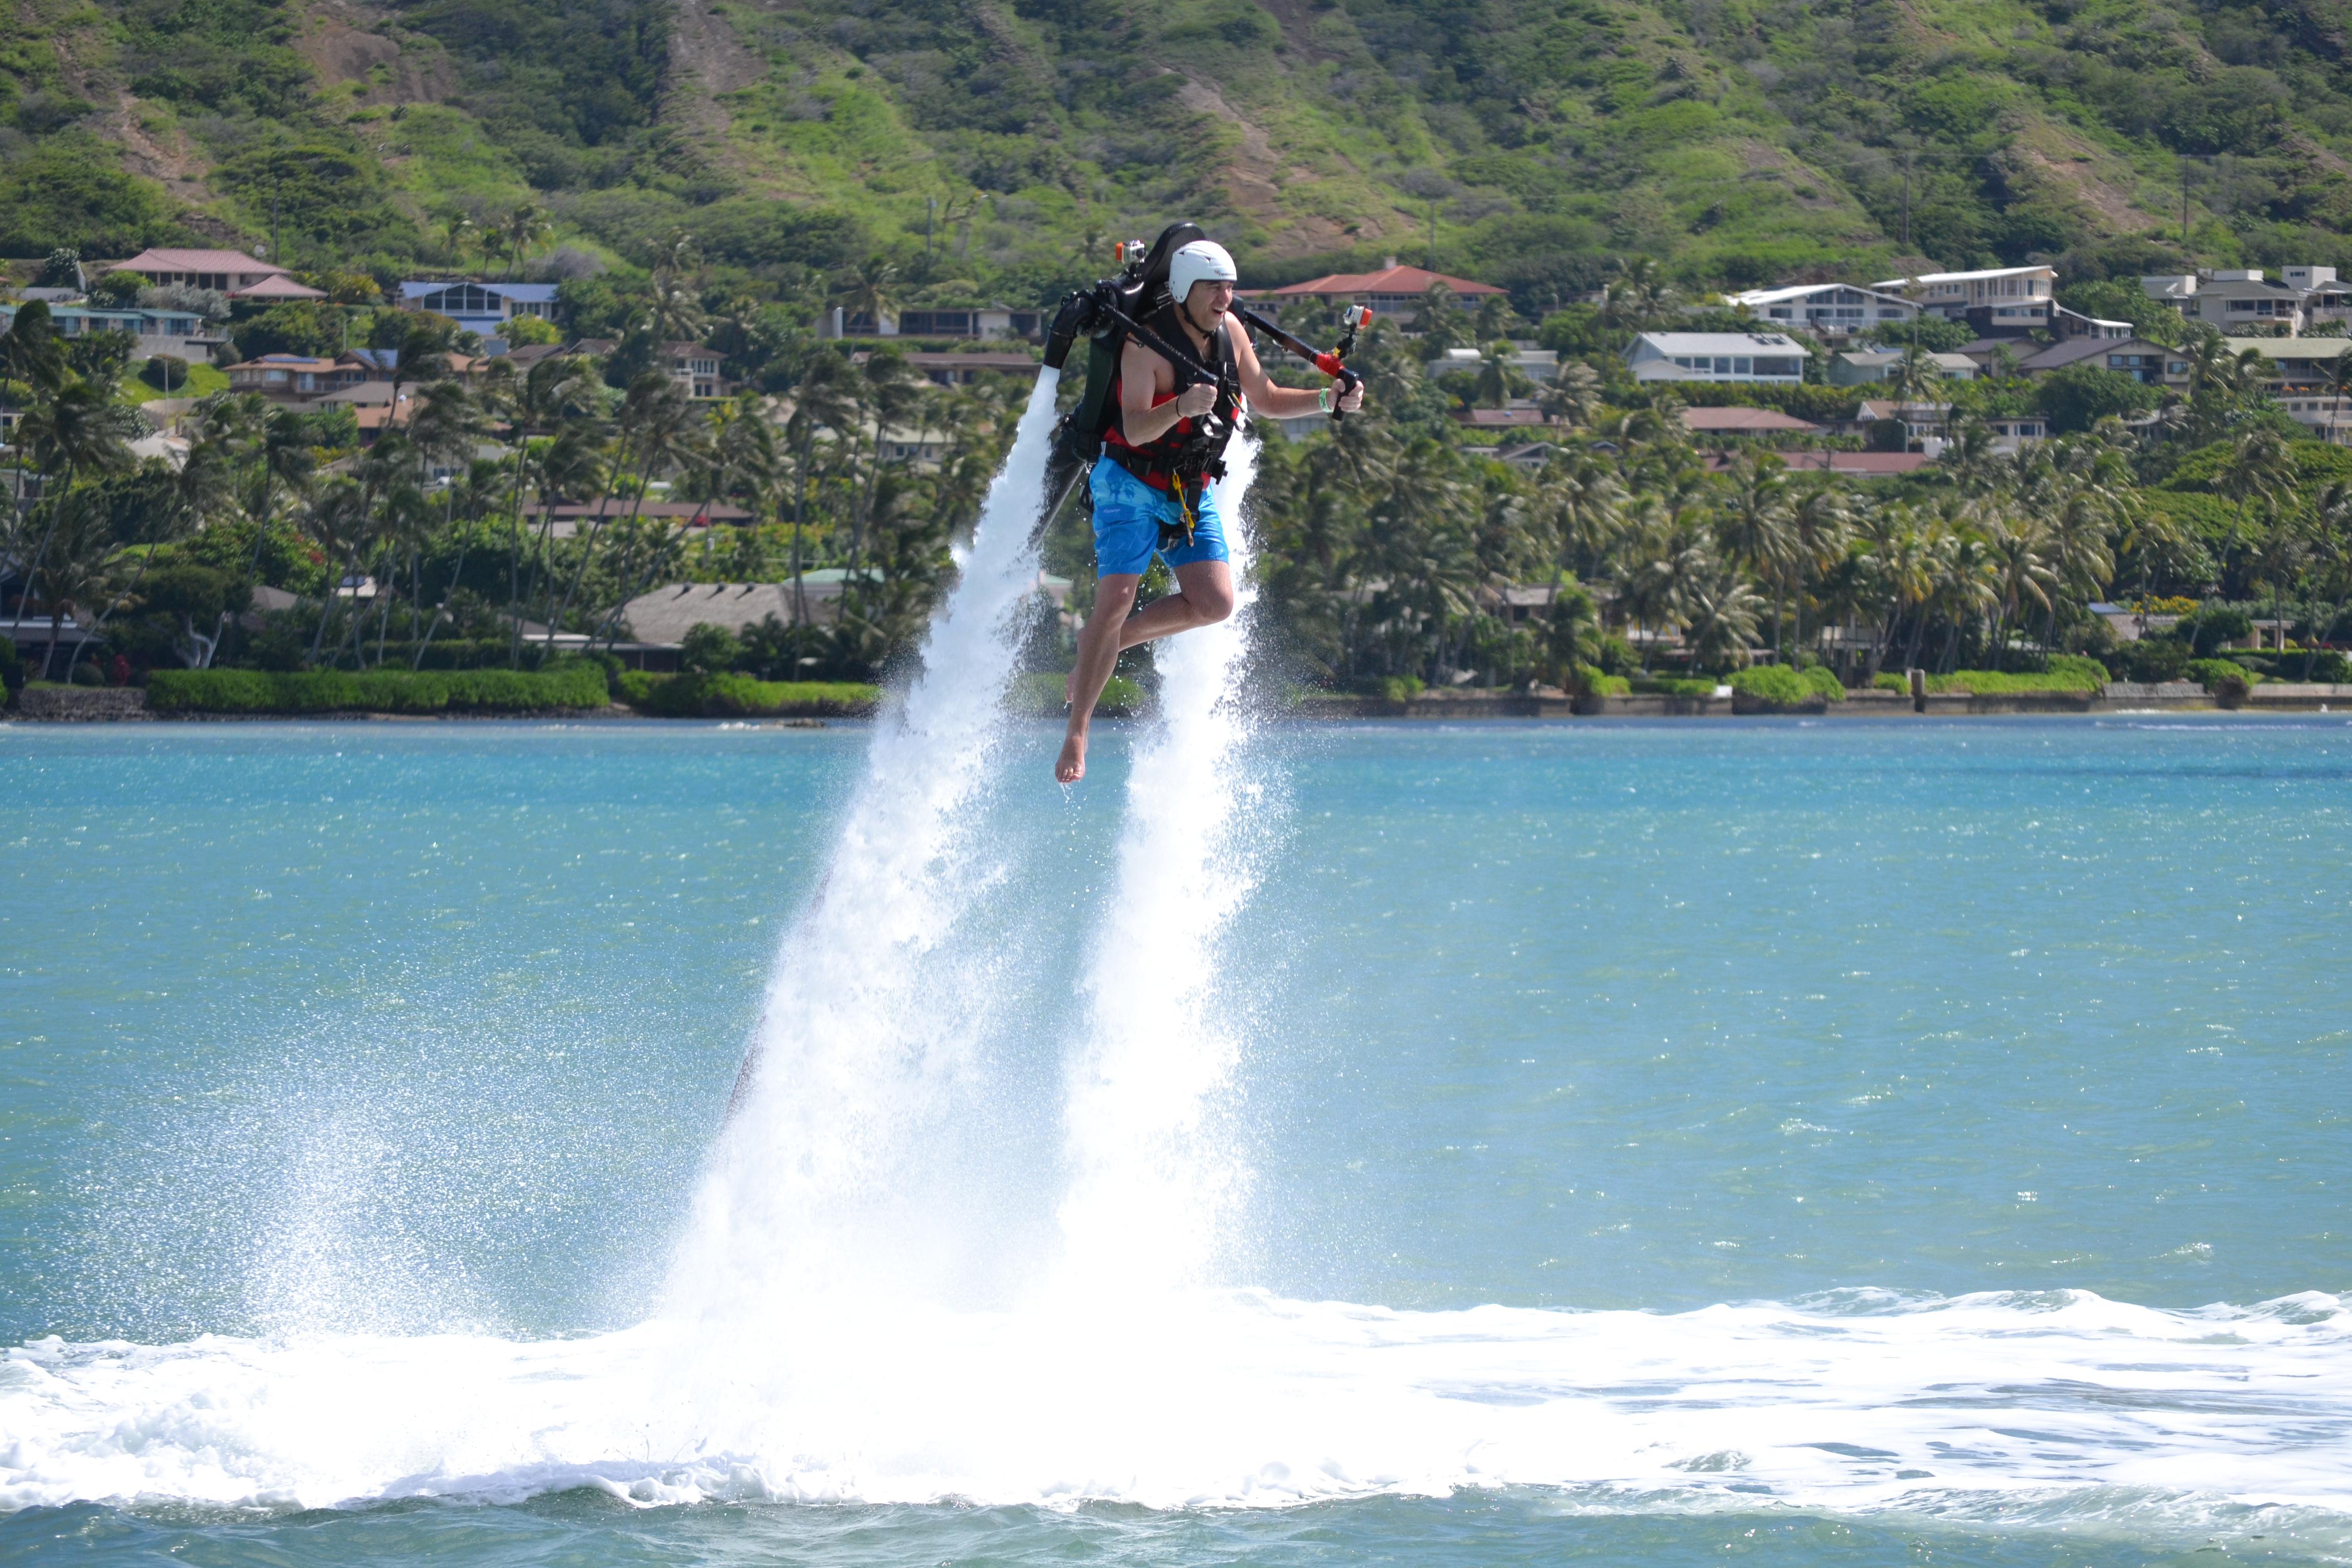 Noah St. John tried Jet Pack In Hawaii